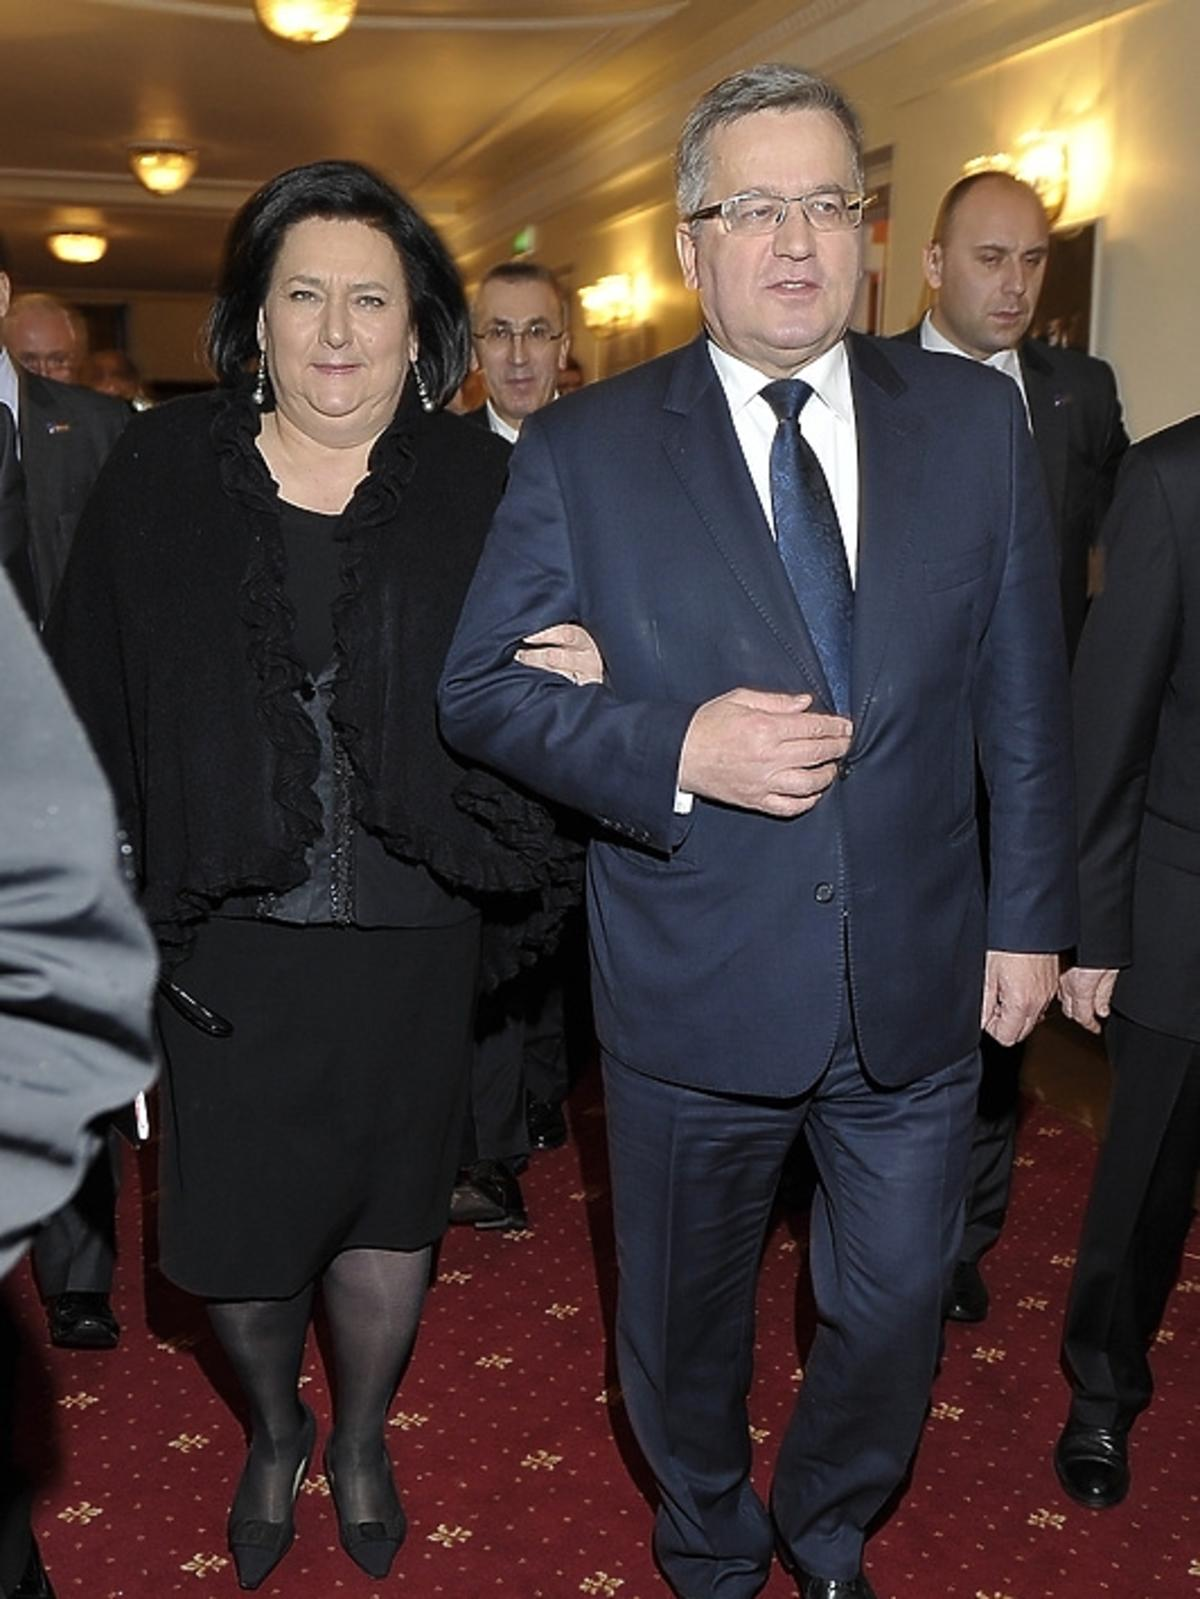 Prezydent Bronisław Komorowski z żoną Anną na premierze Irydiona na 100 Lat Teatru Polskiego